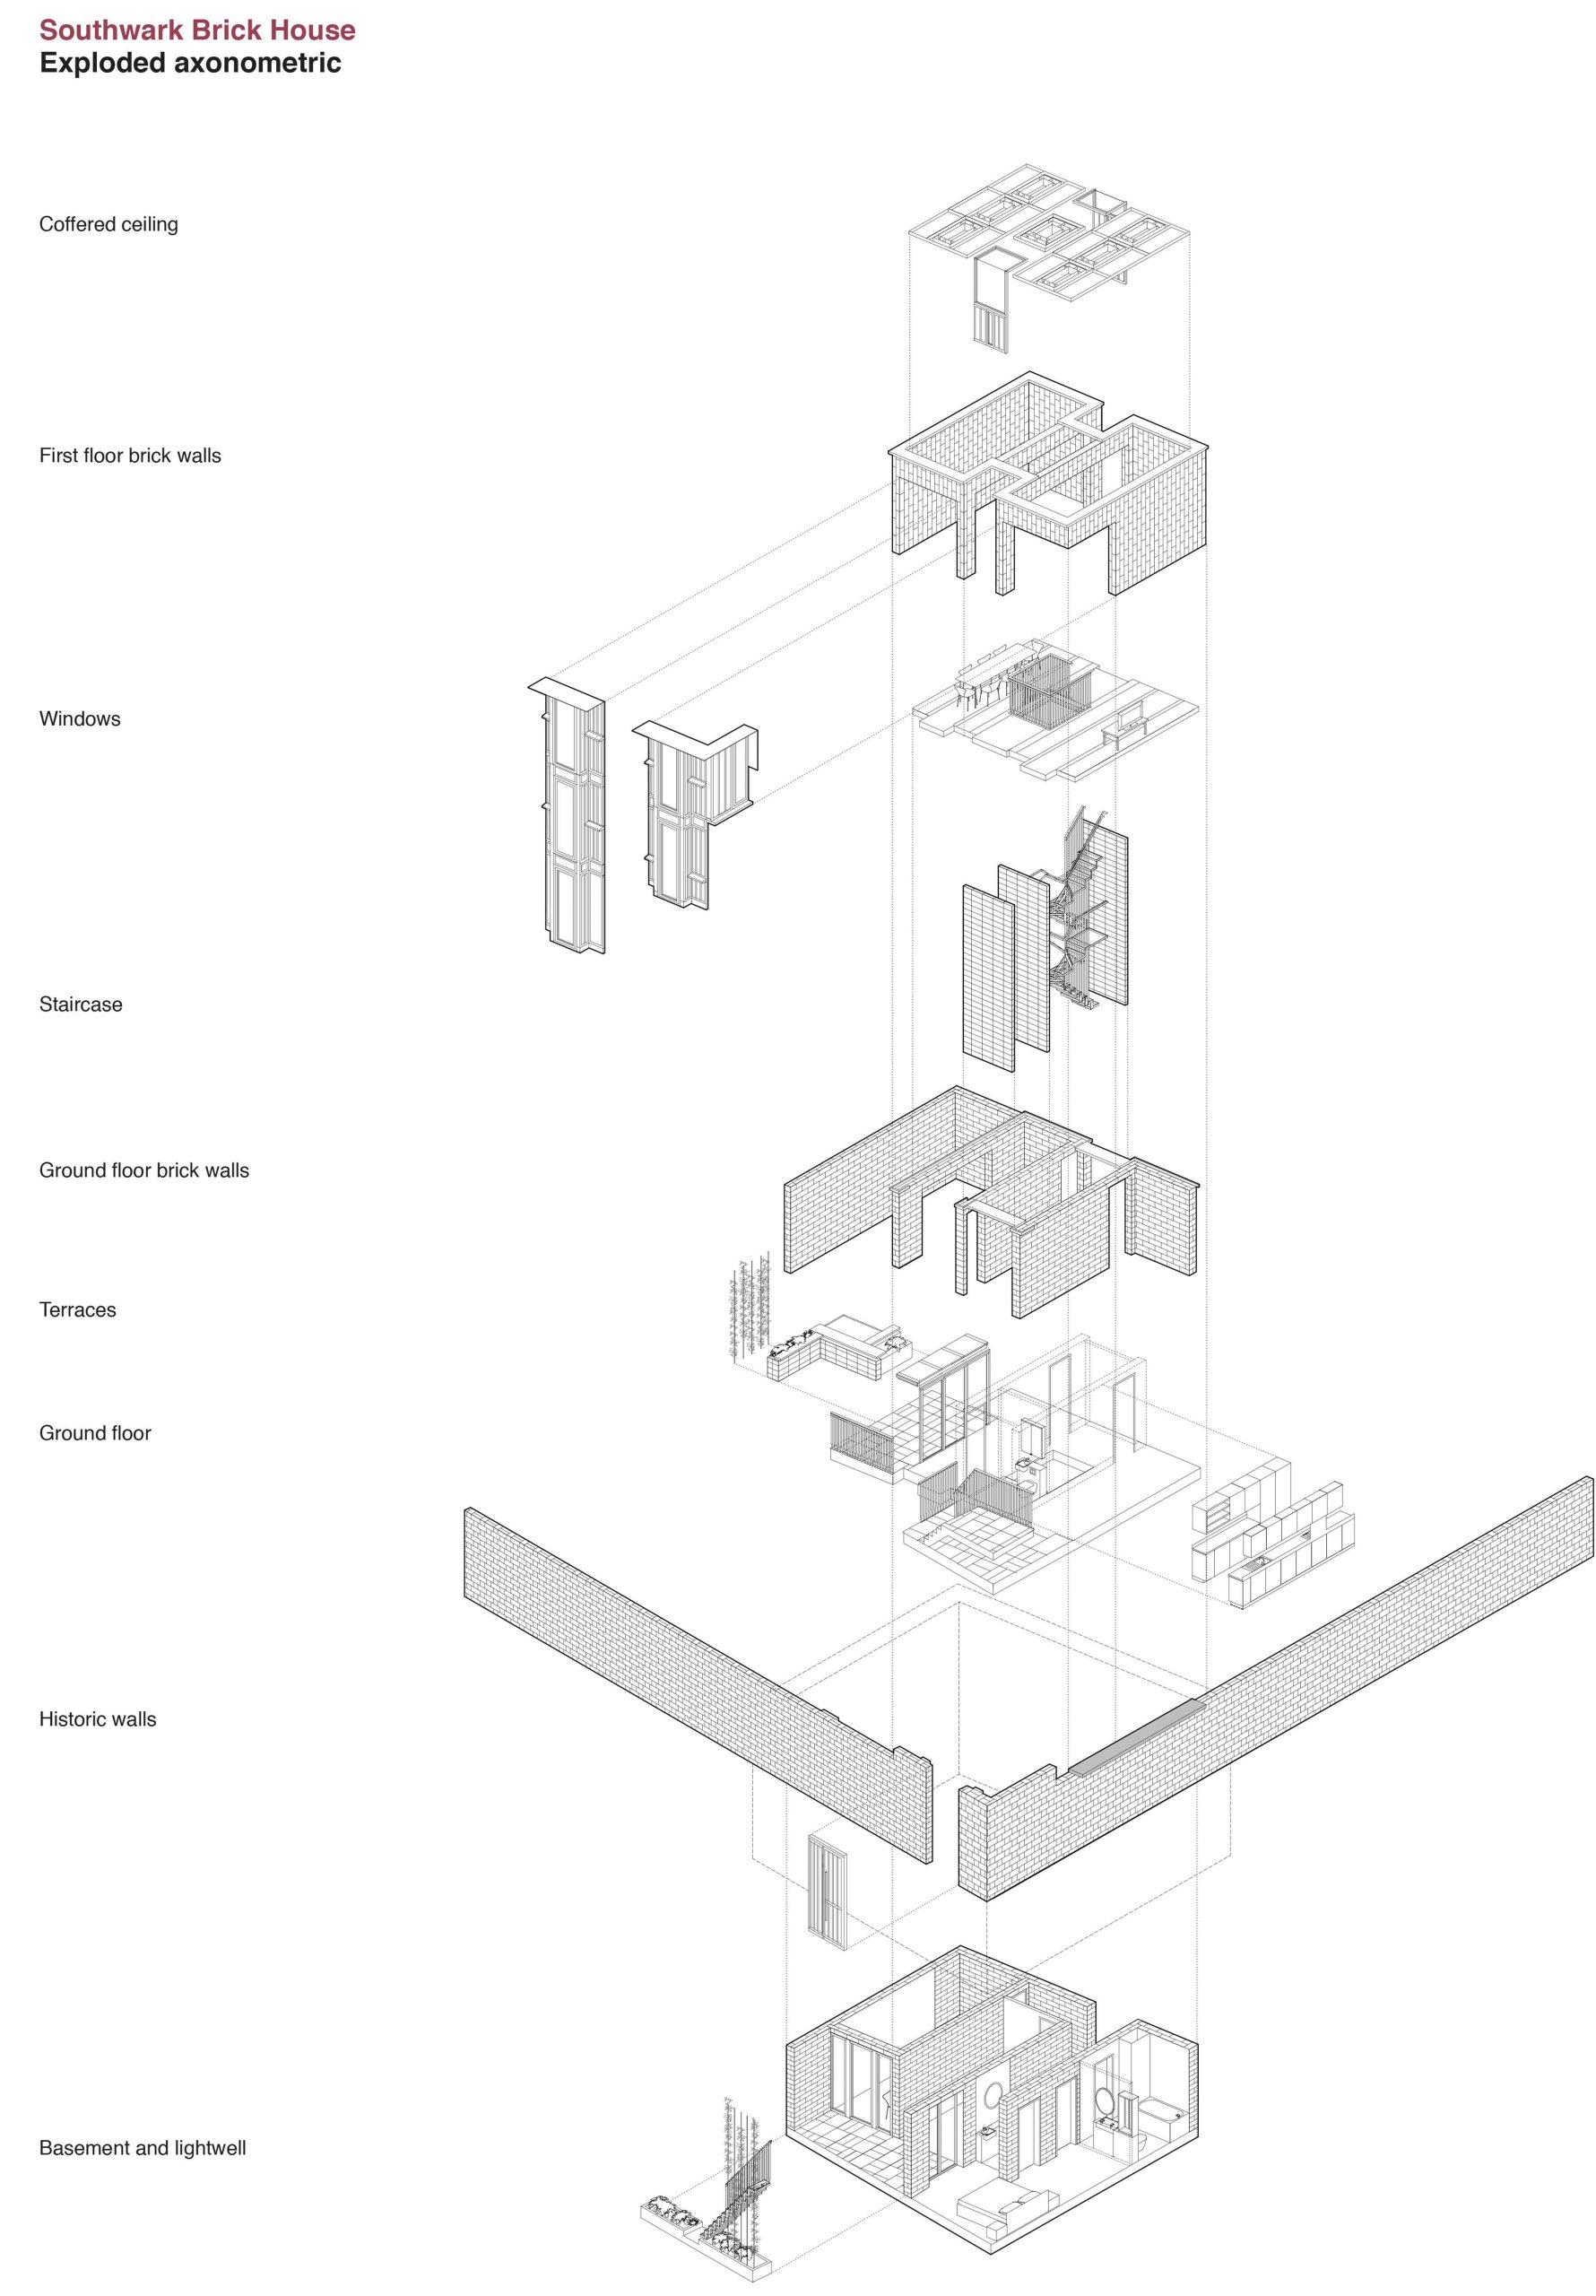 5 Southwark Brick House axometric